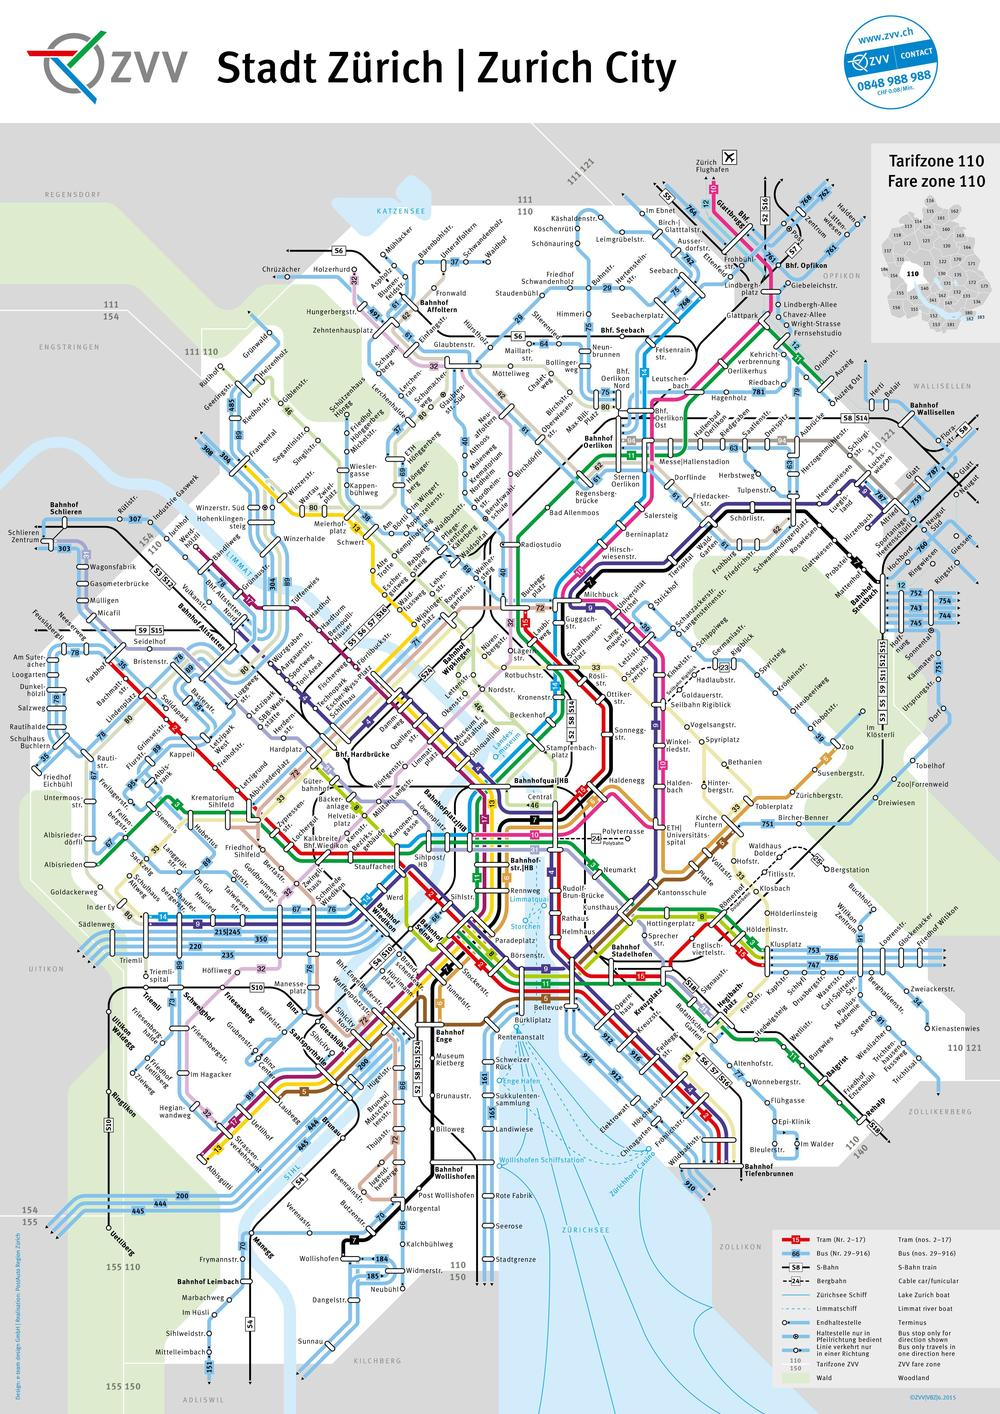 (Stadt-Zürich/ Liniennetzpläne)